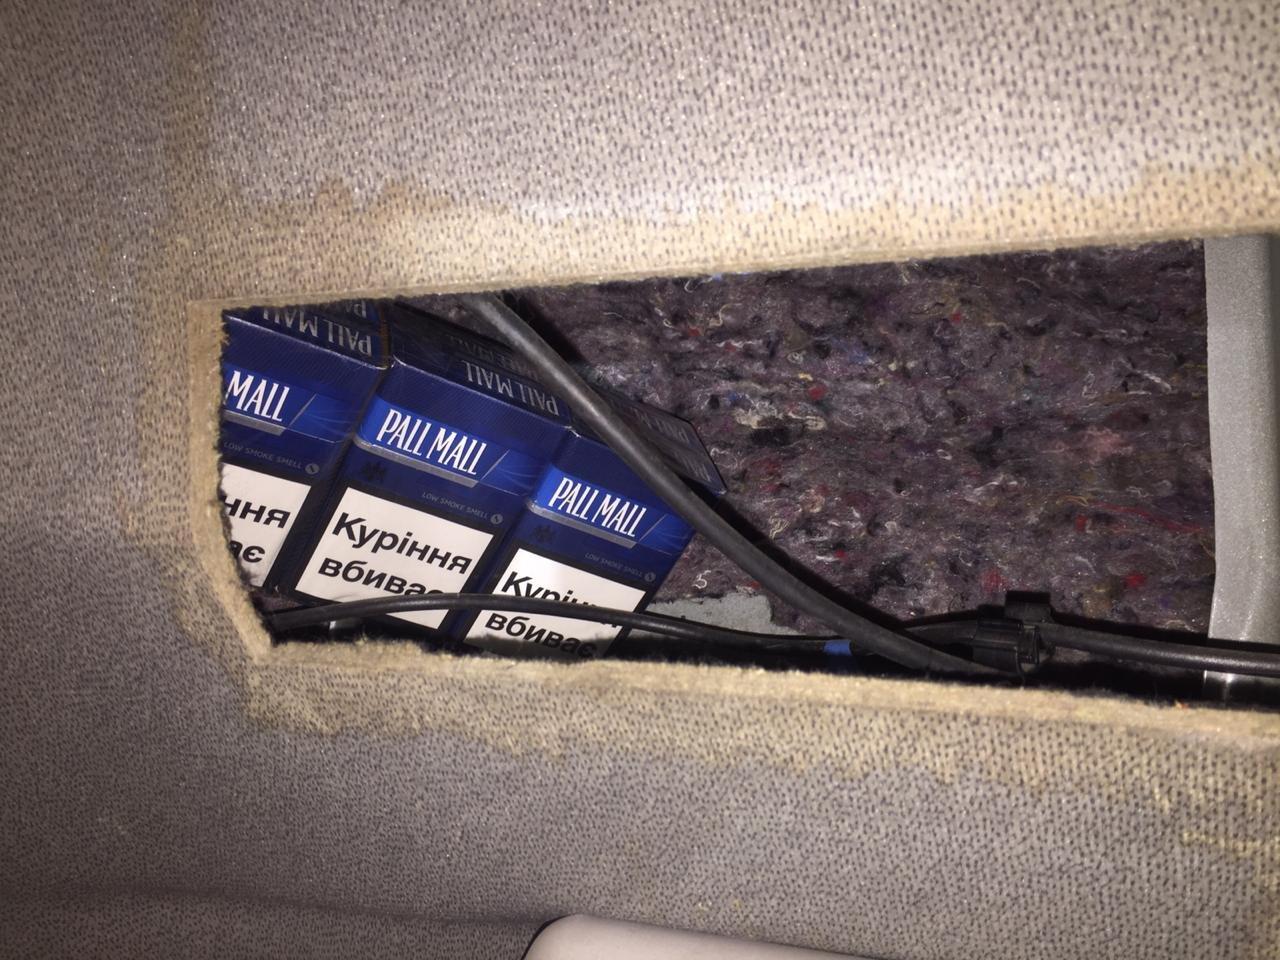 Латвиец пытался провезти через Черниговщину больше 1000 нелегальных пачек сигарет, фото-1